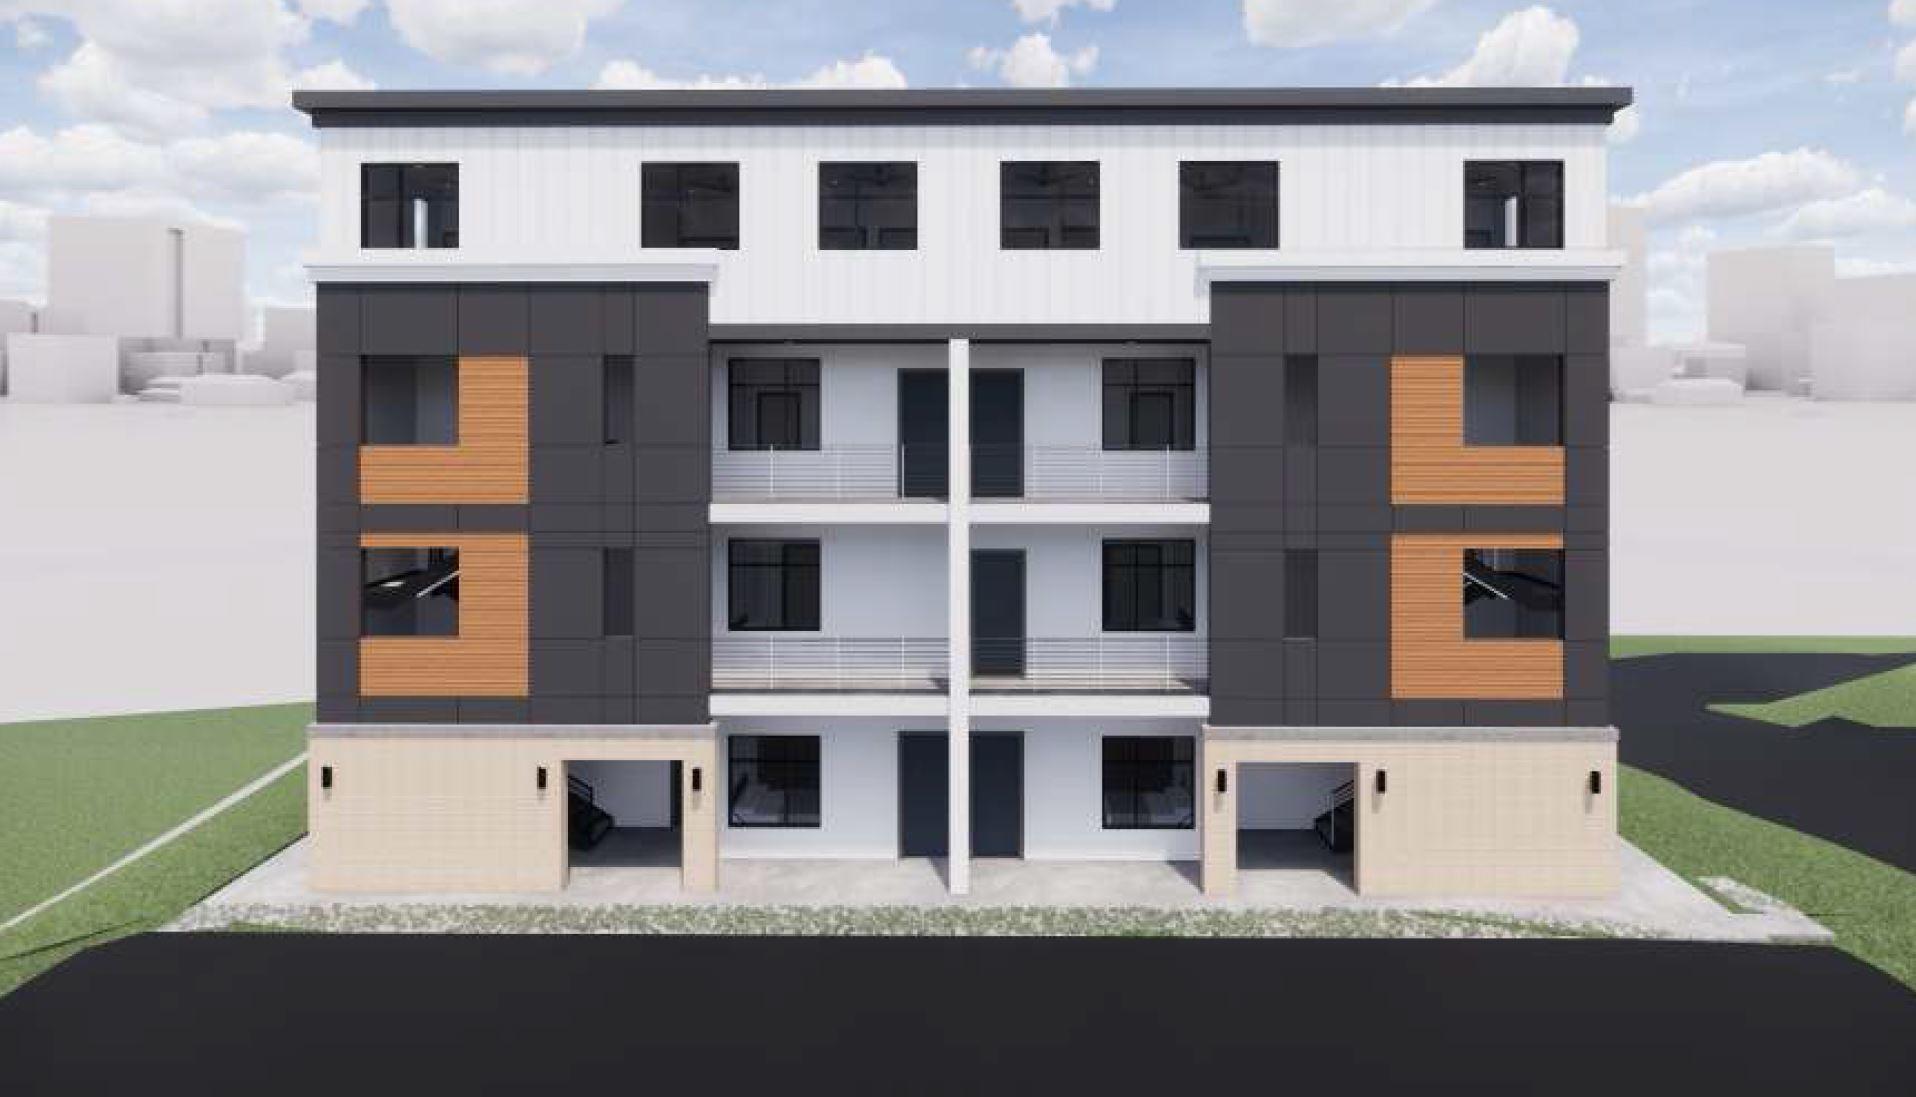 Laurel Vista Exterior - North